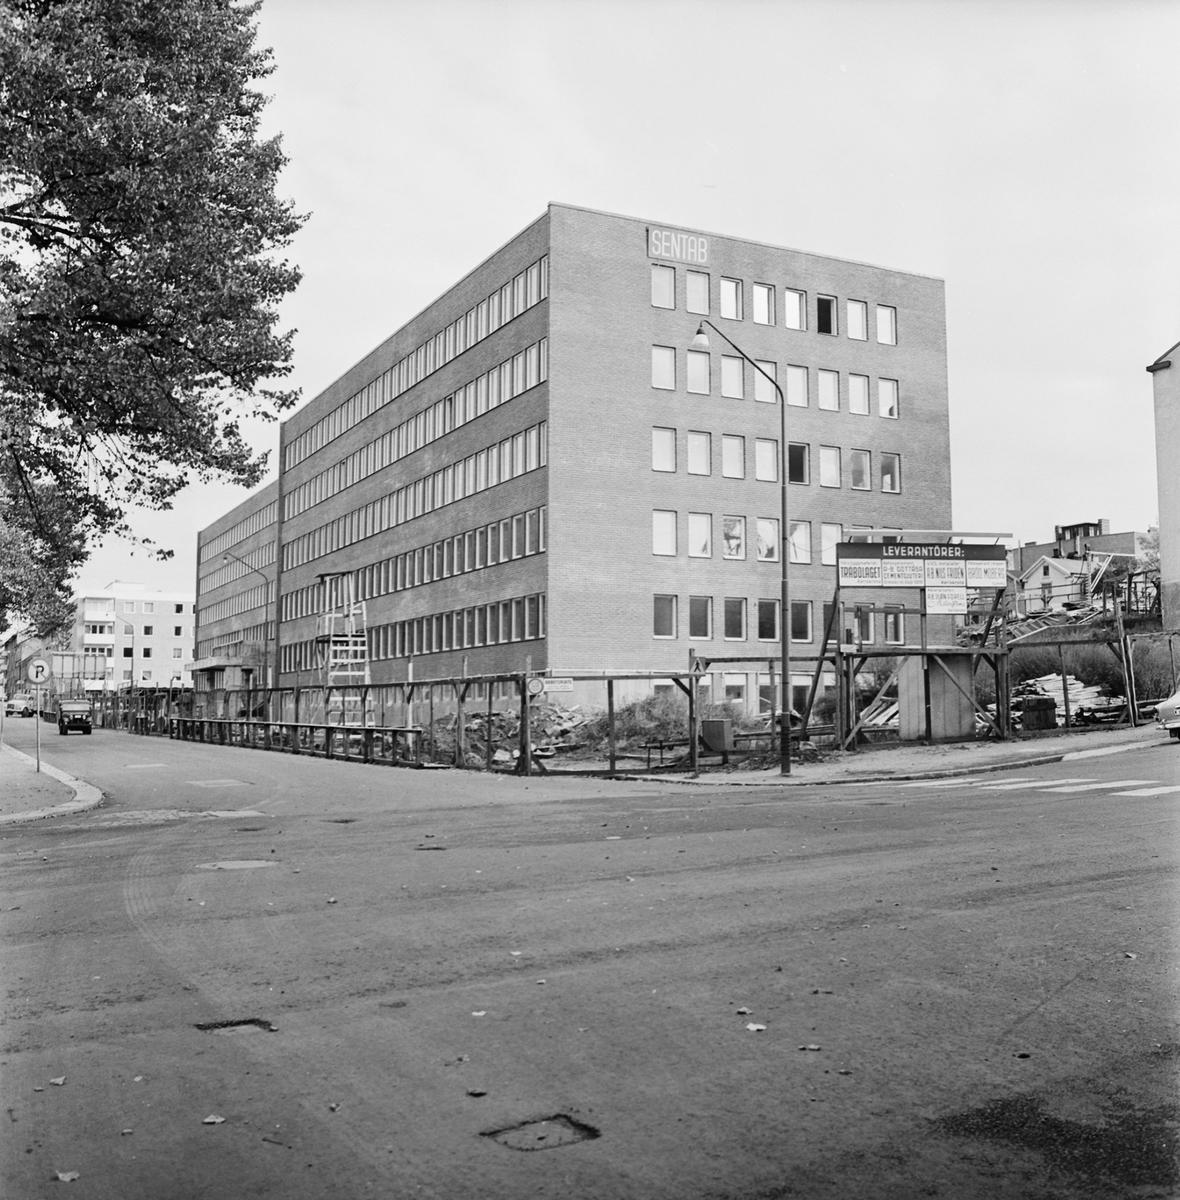 Övrigt: Fotodatum 5/10 1966 Byggnader och Kranar Kvarteret Pollux